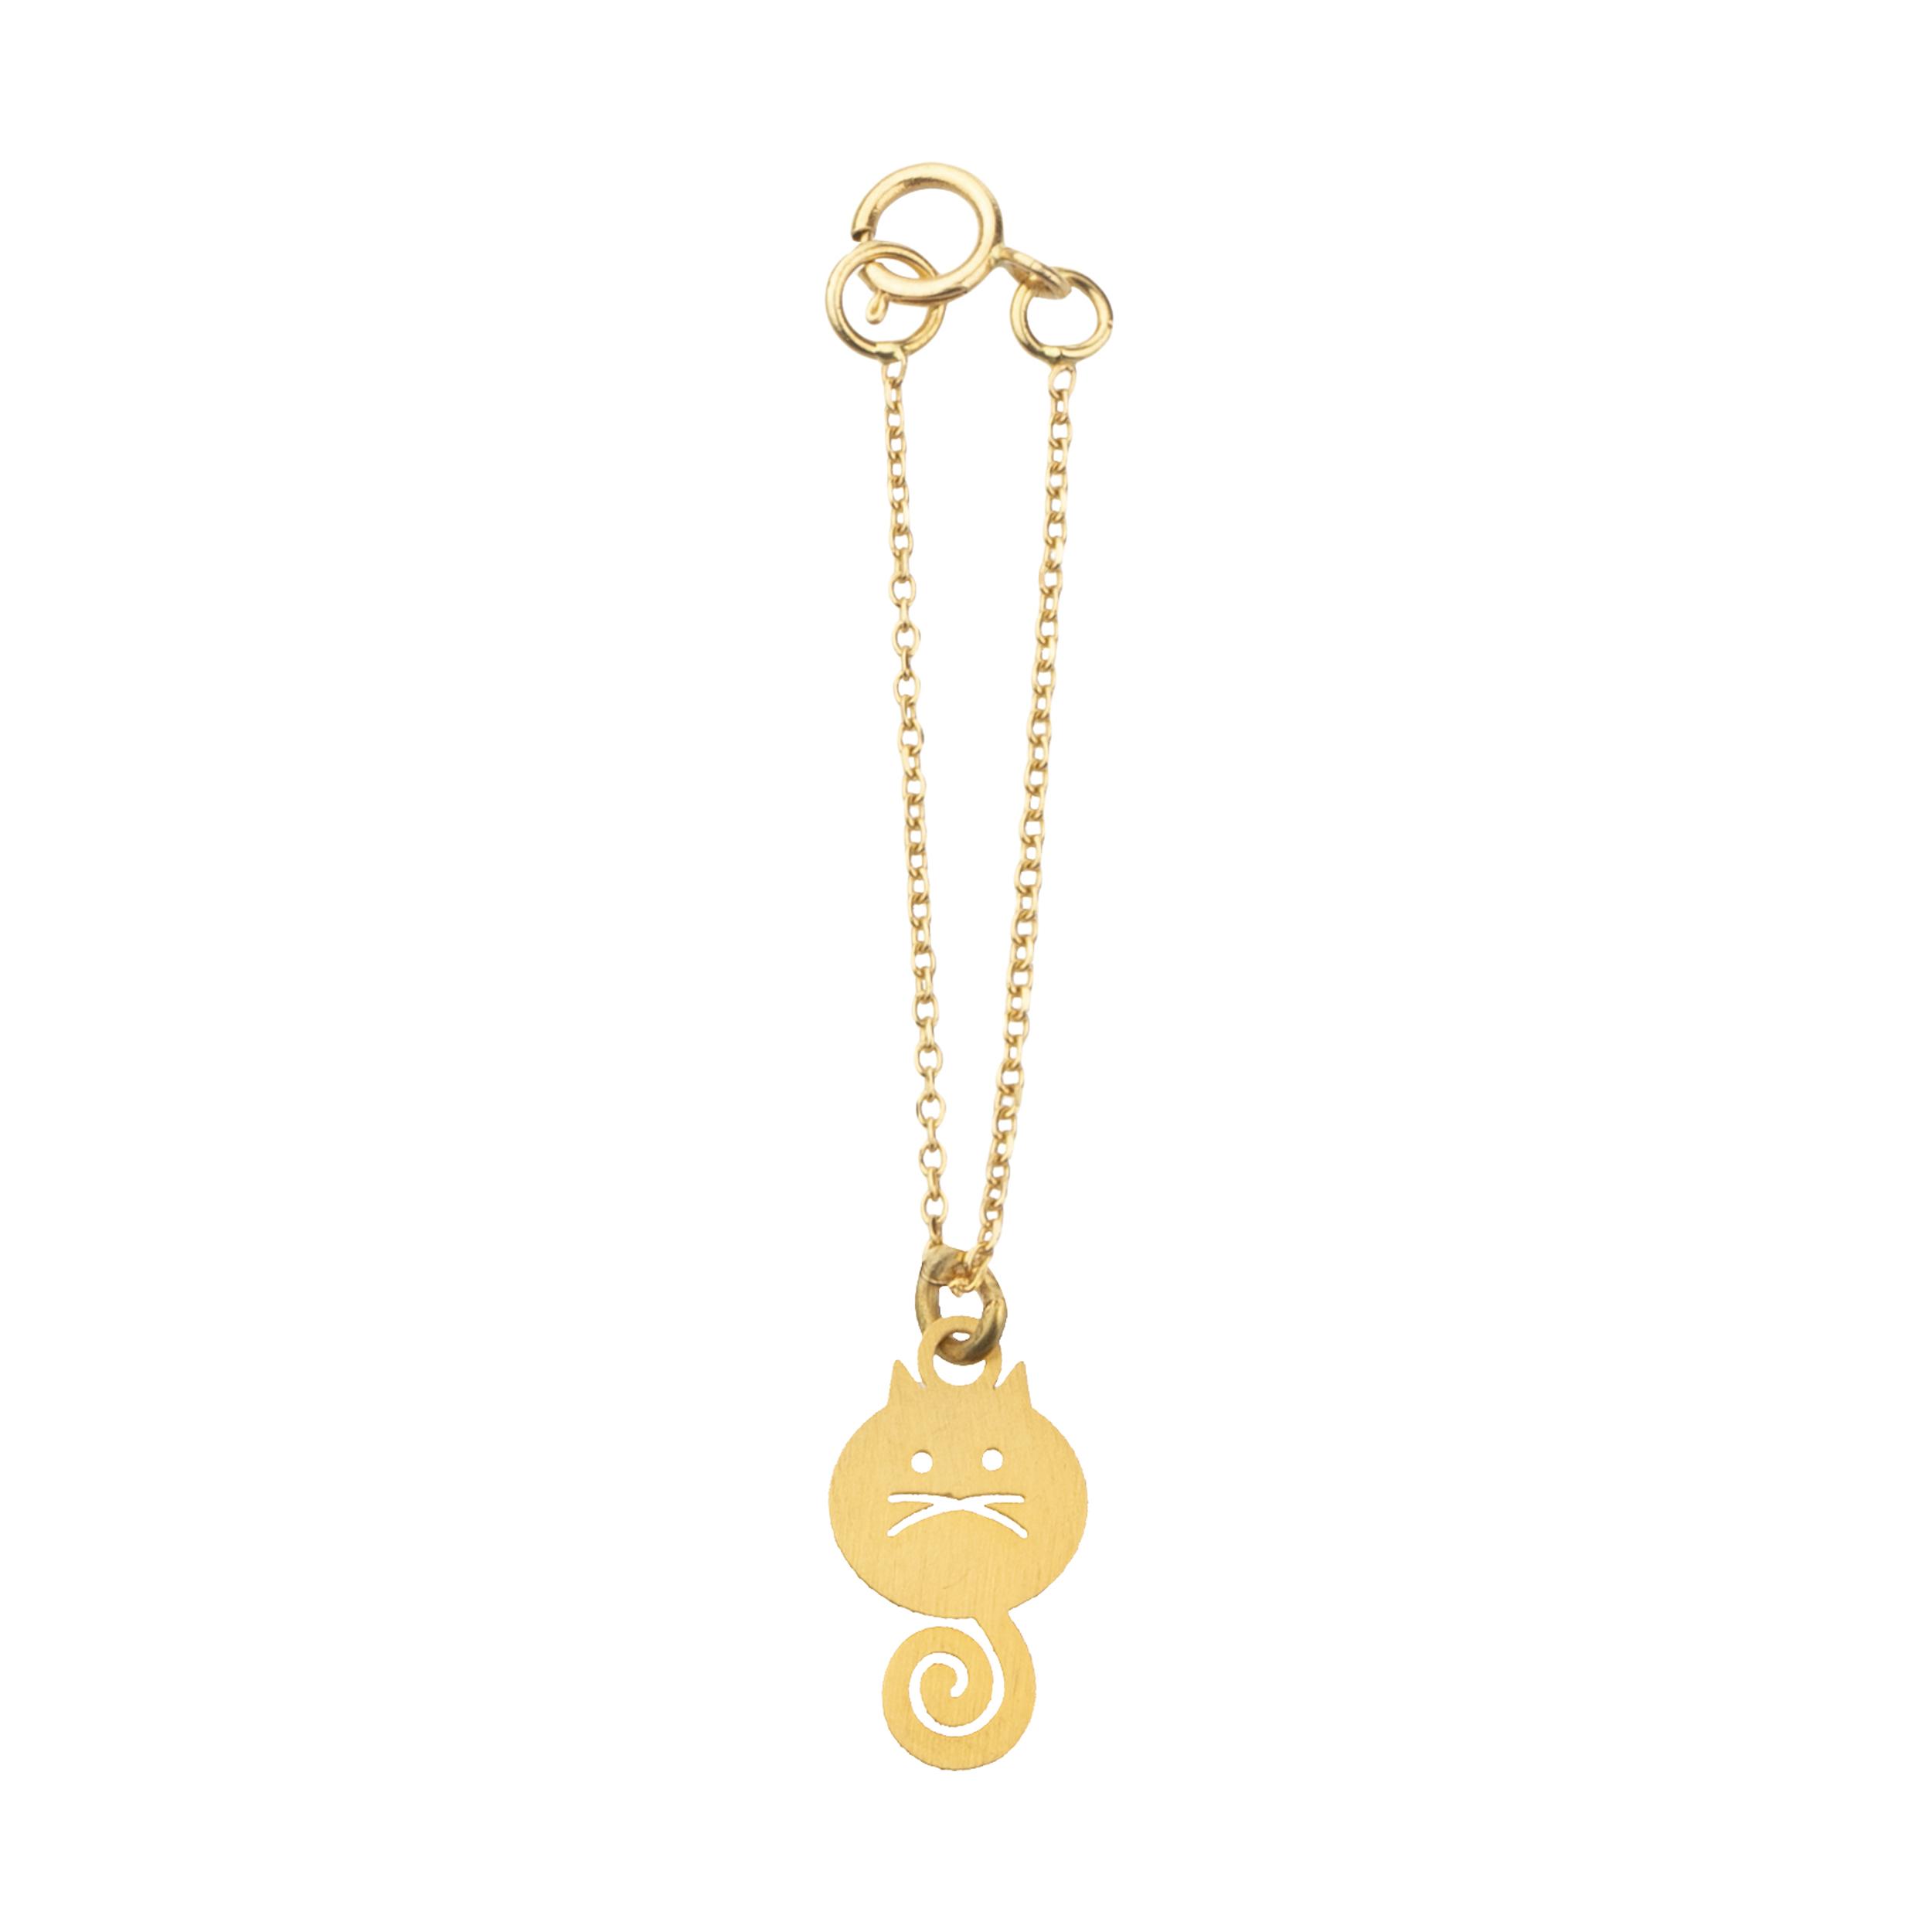 آویز ساعت طلا 18 عیار زنانه میو گلد مدل GD615 -  - 2